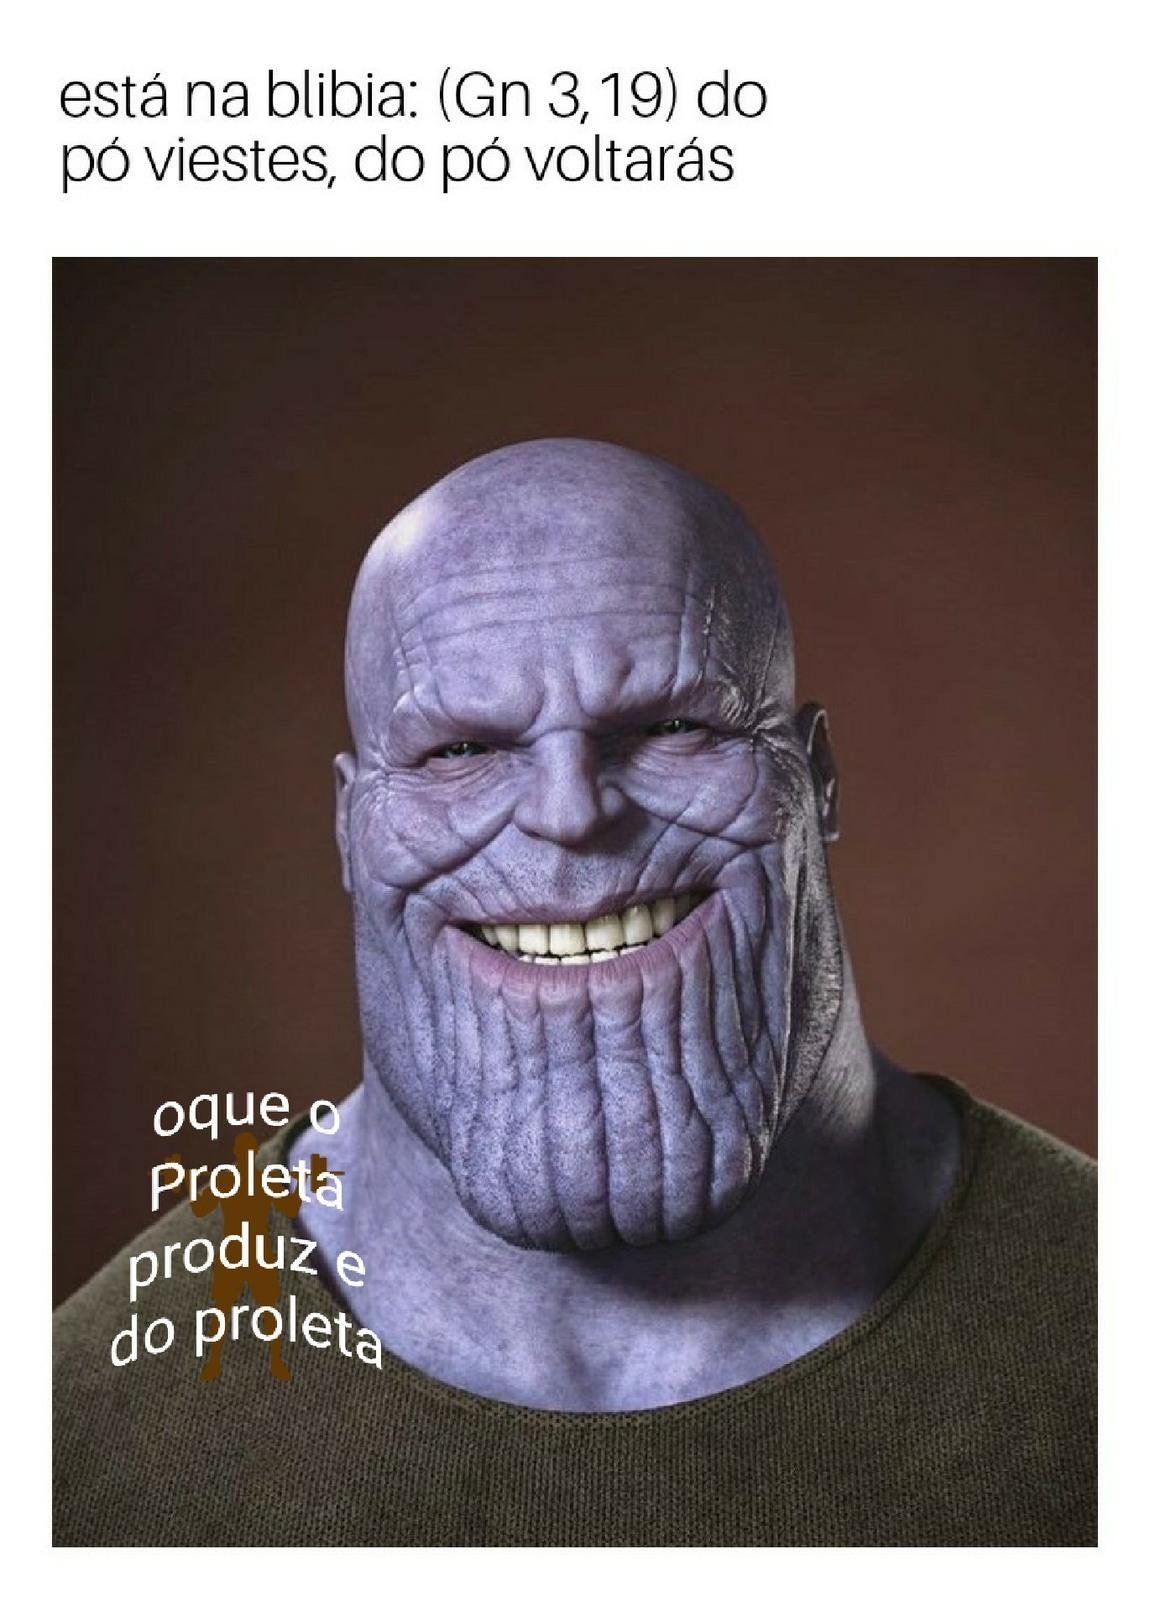 Thanos católico - meme